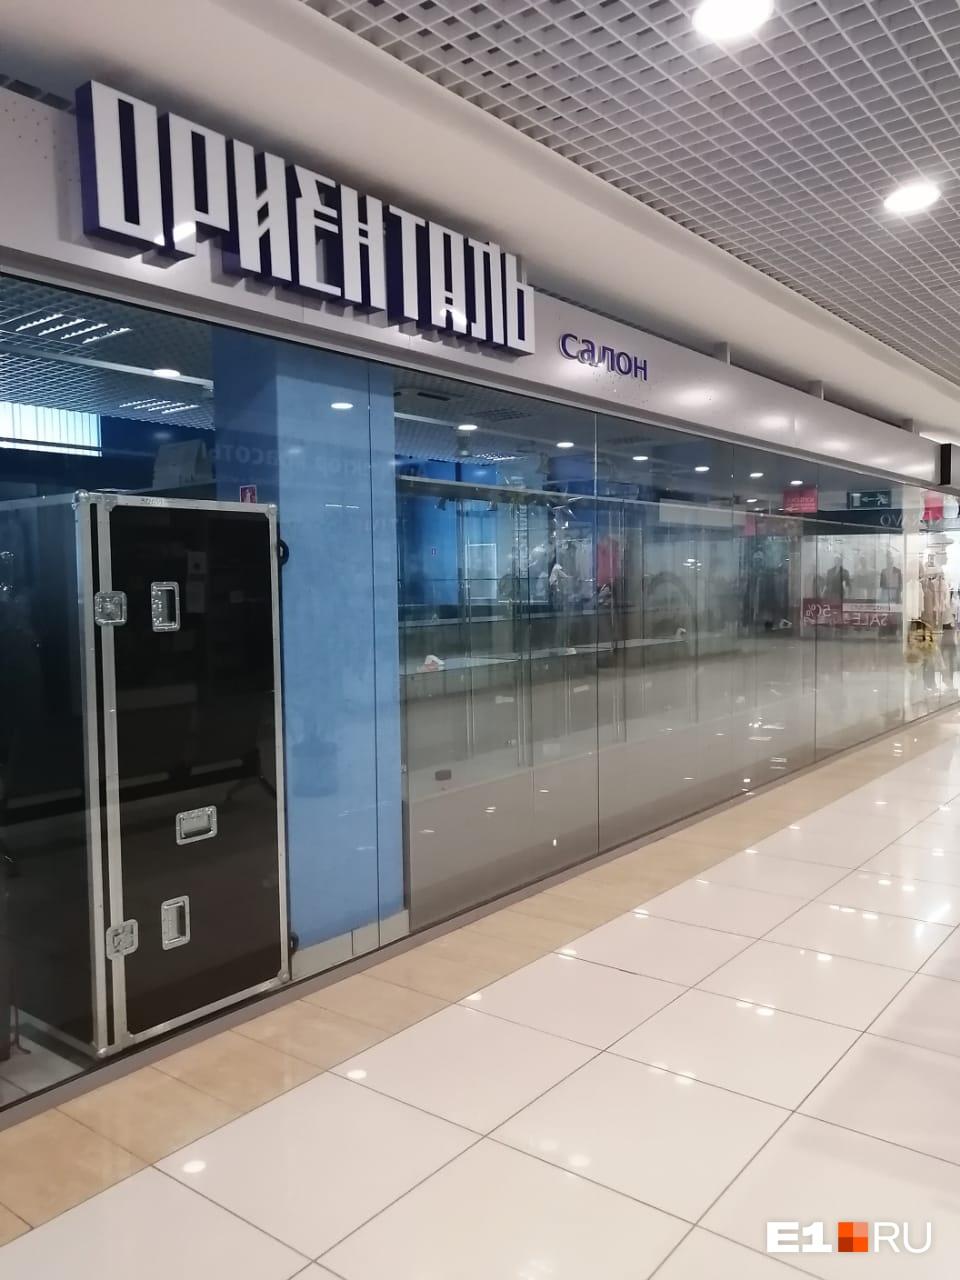 Ювелирный салон закрыт, но пока неизвестно, возобновит ли работу